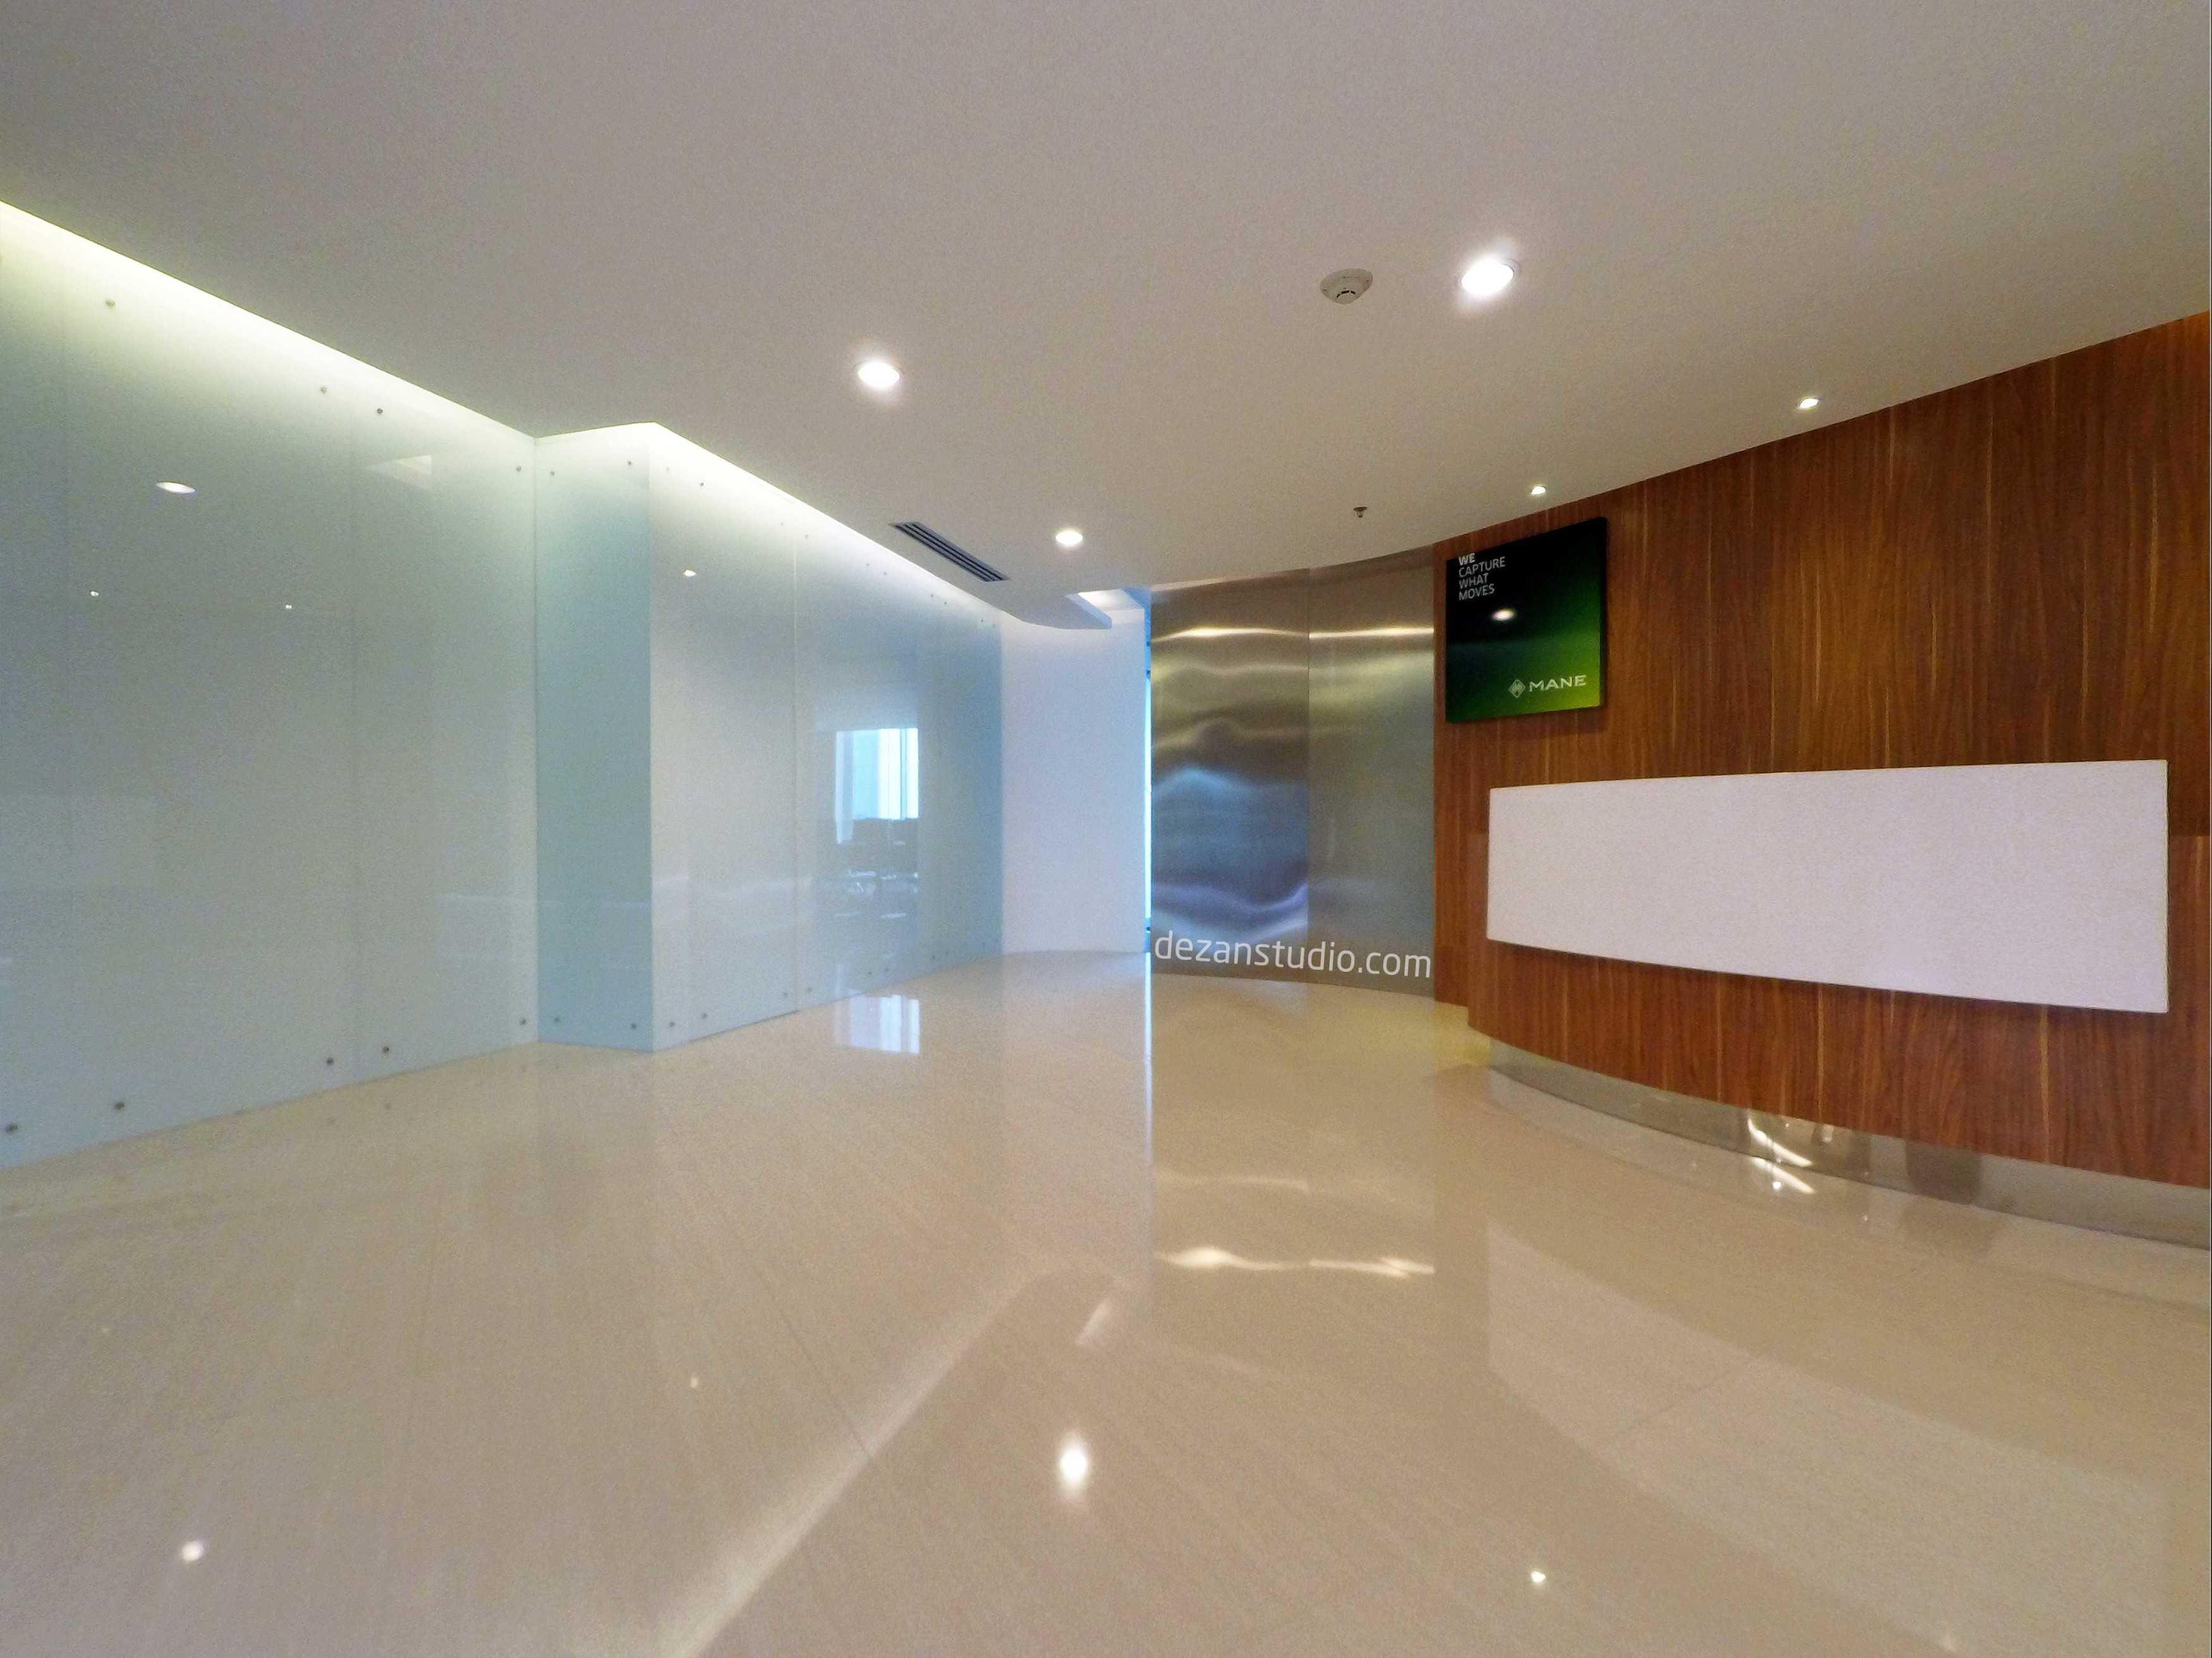 Dezan Studio Mane Office K-Link Tower, Jakarta K-Link Tower, Jakarta Receptionist Modern  14446